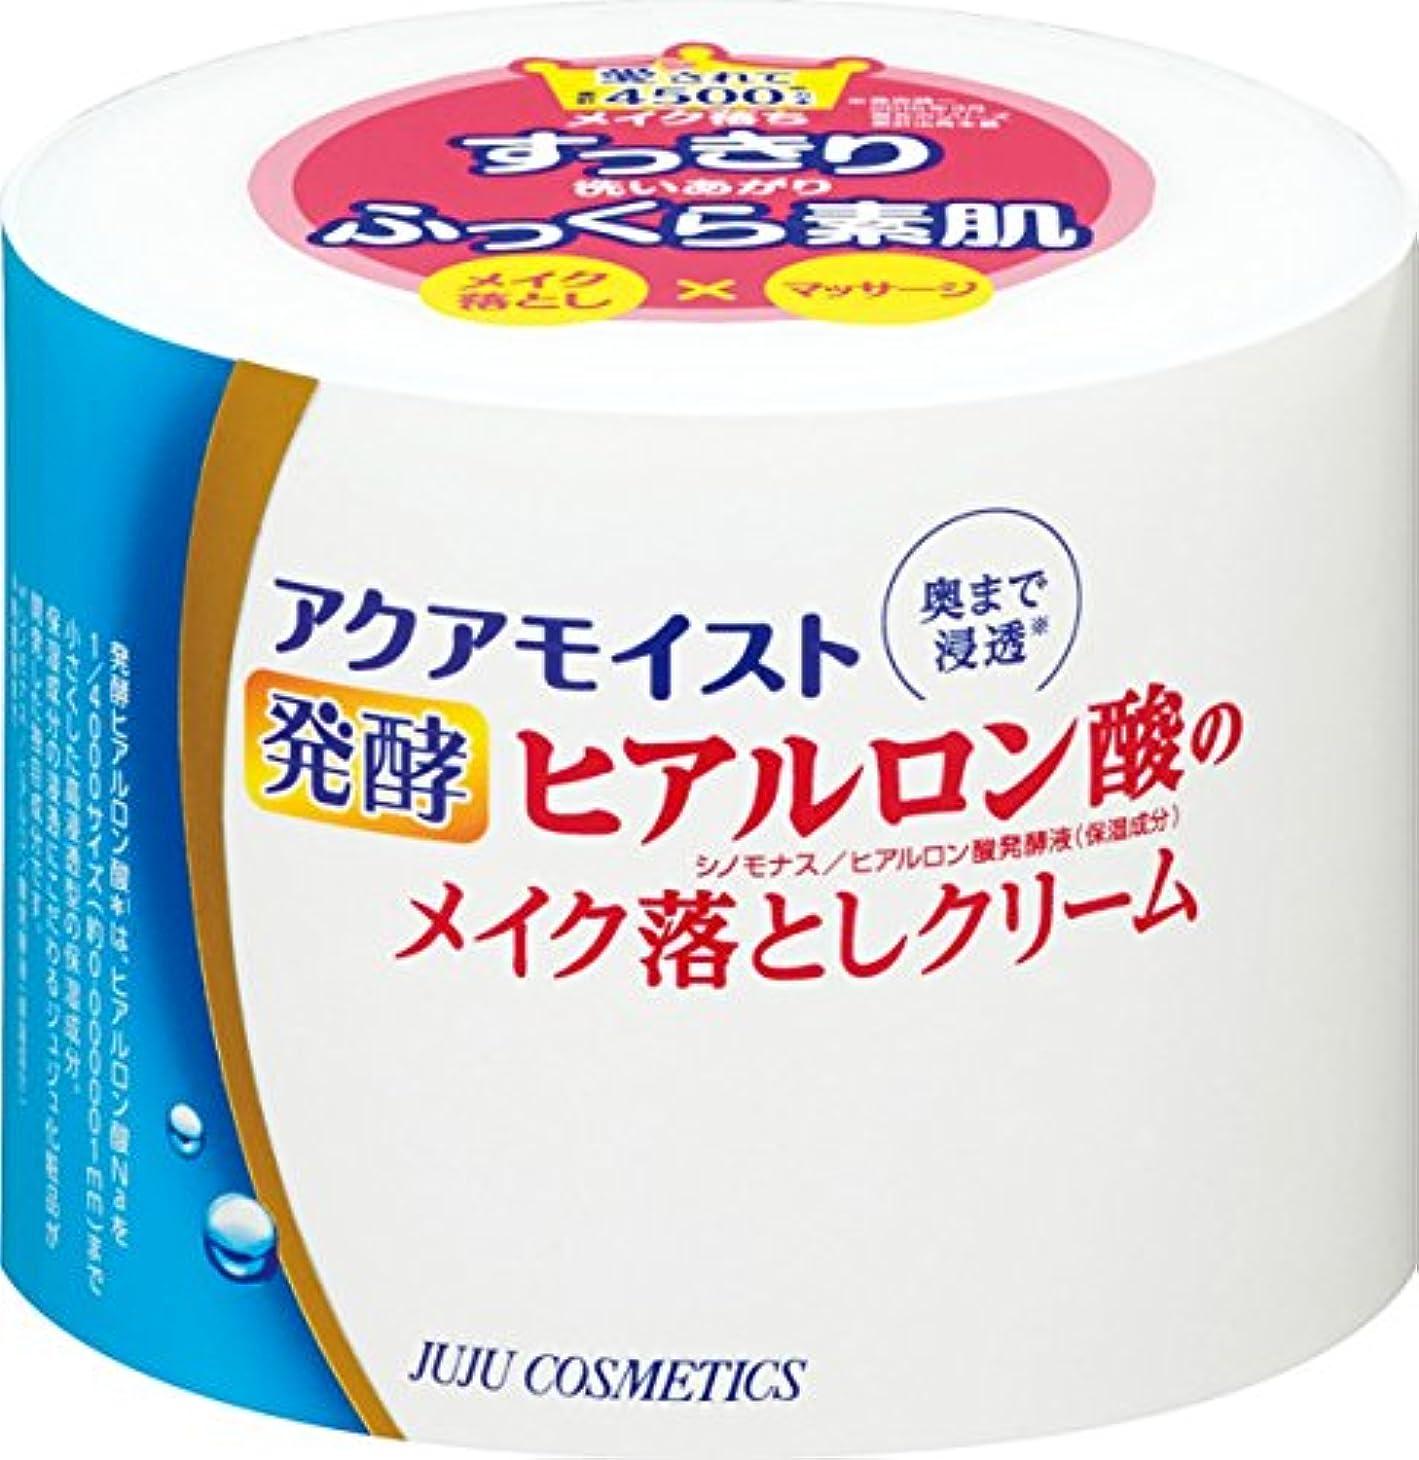 約設定分解する引用アクアモイスト 発酵ヒアルロン酸のメイク落としクリーム 160g